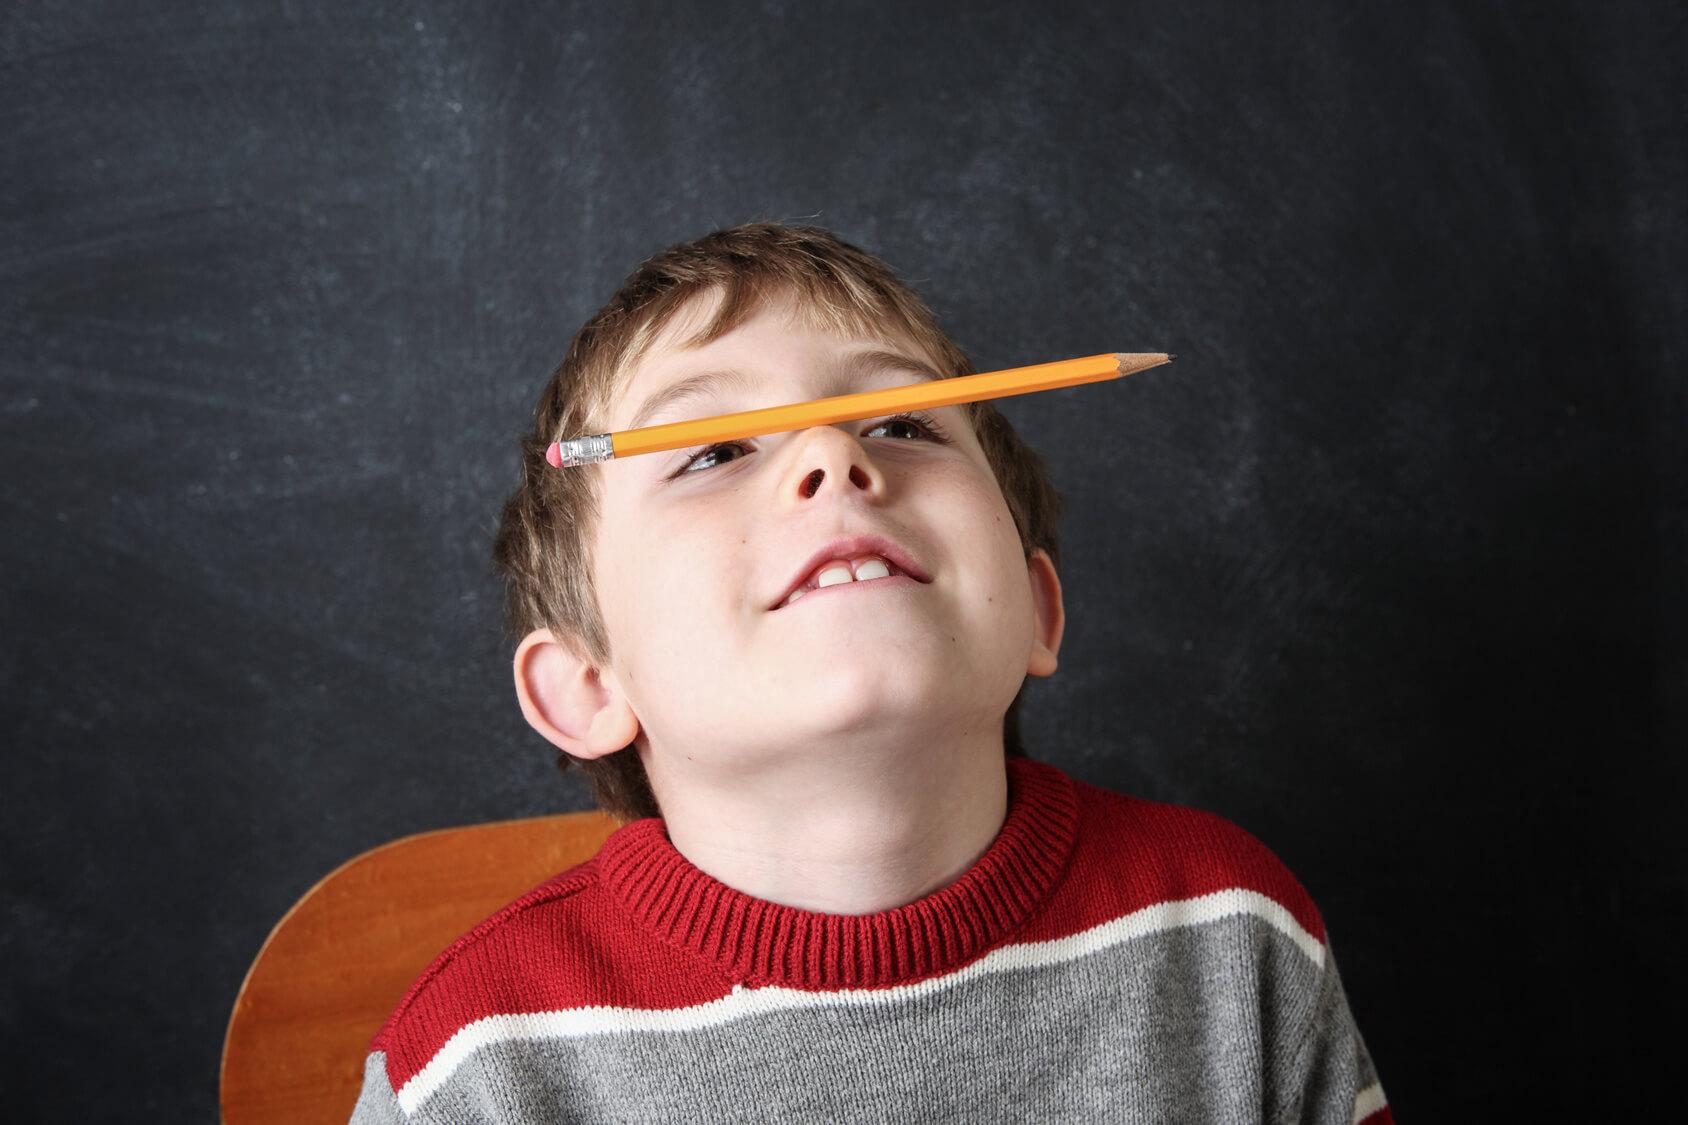 diagnose ADHD in children